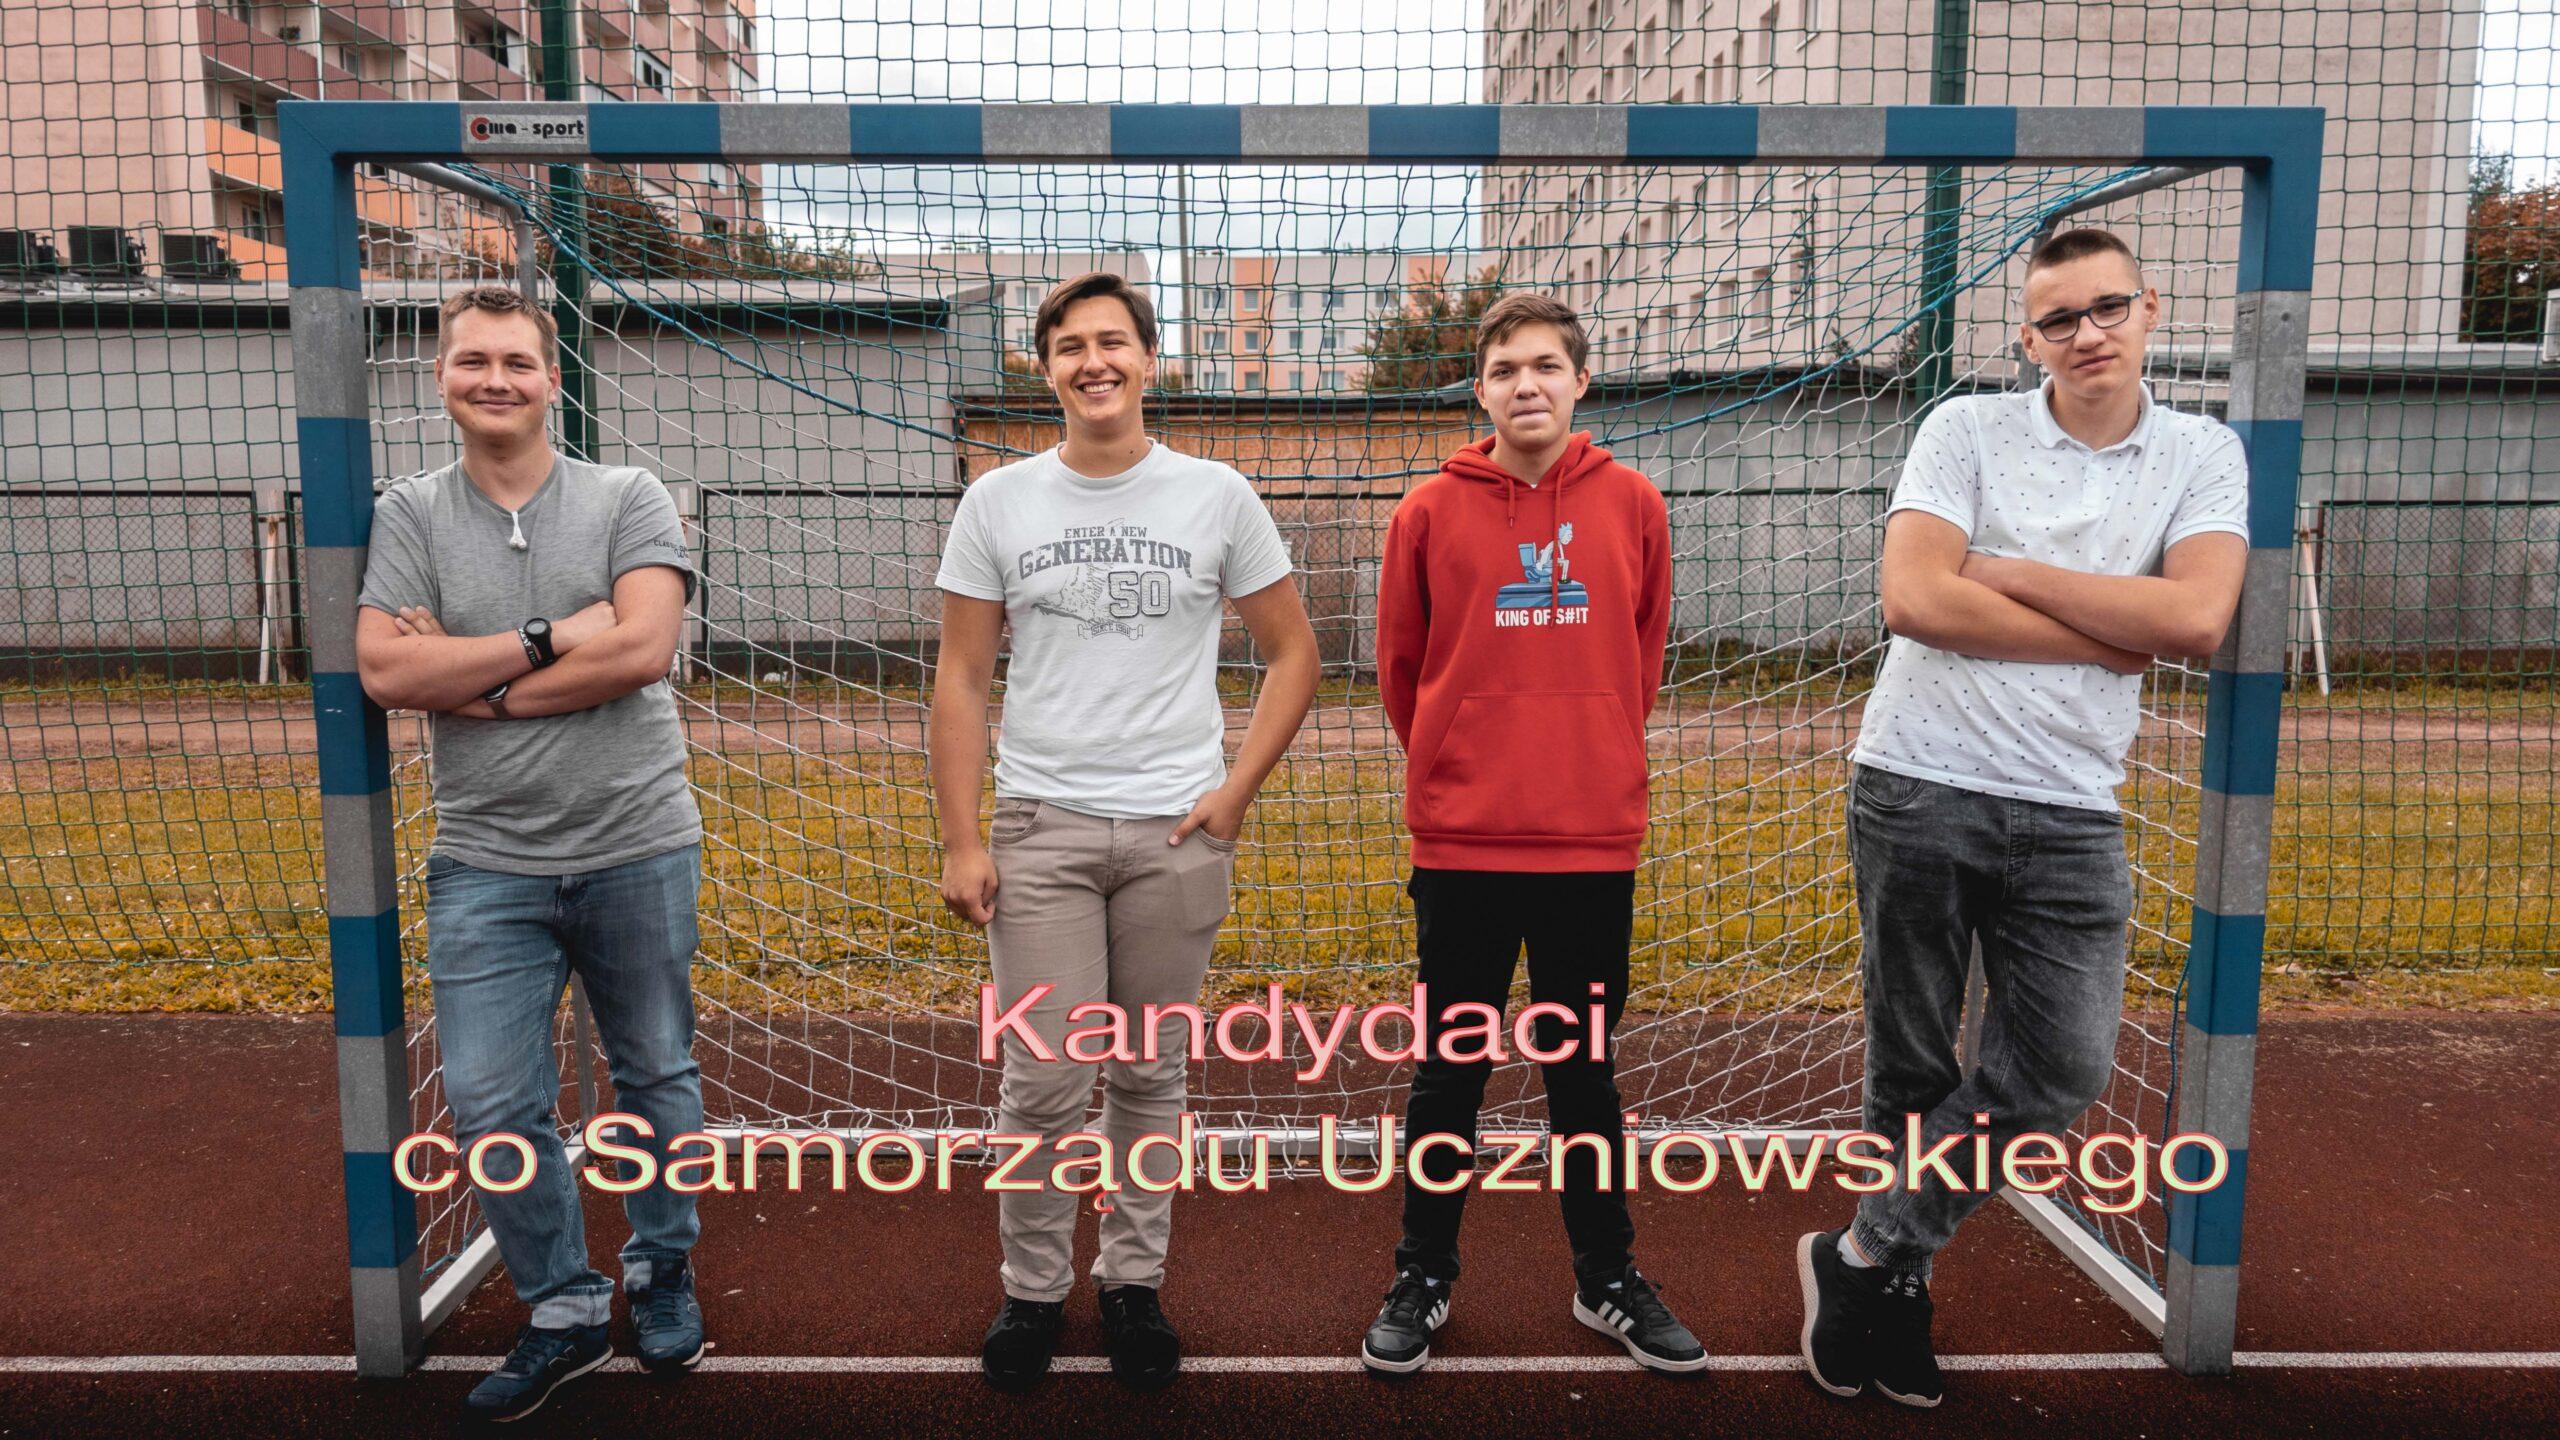 Kandydaci do Samorządu Uczniowskiego